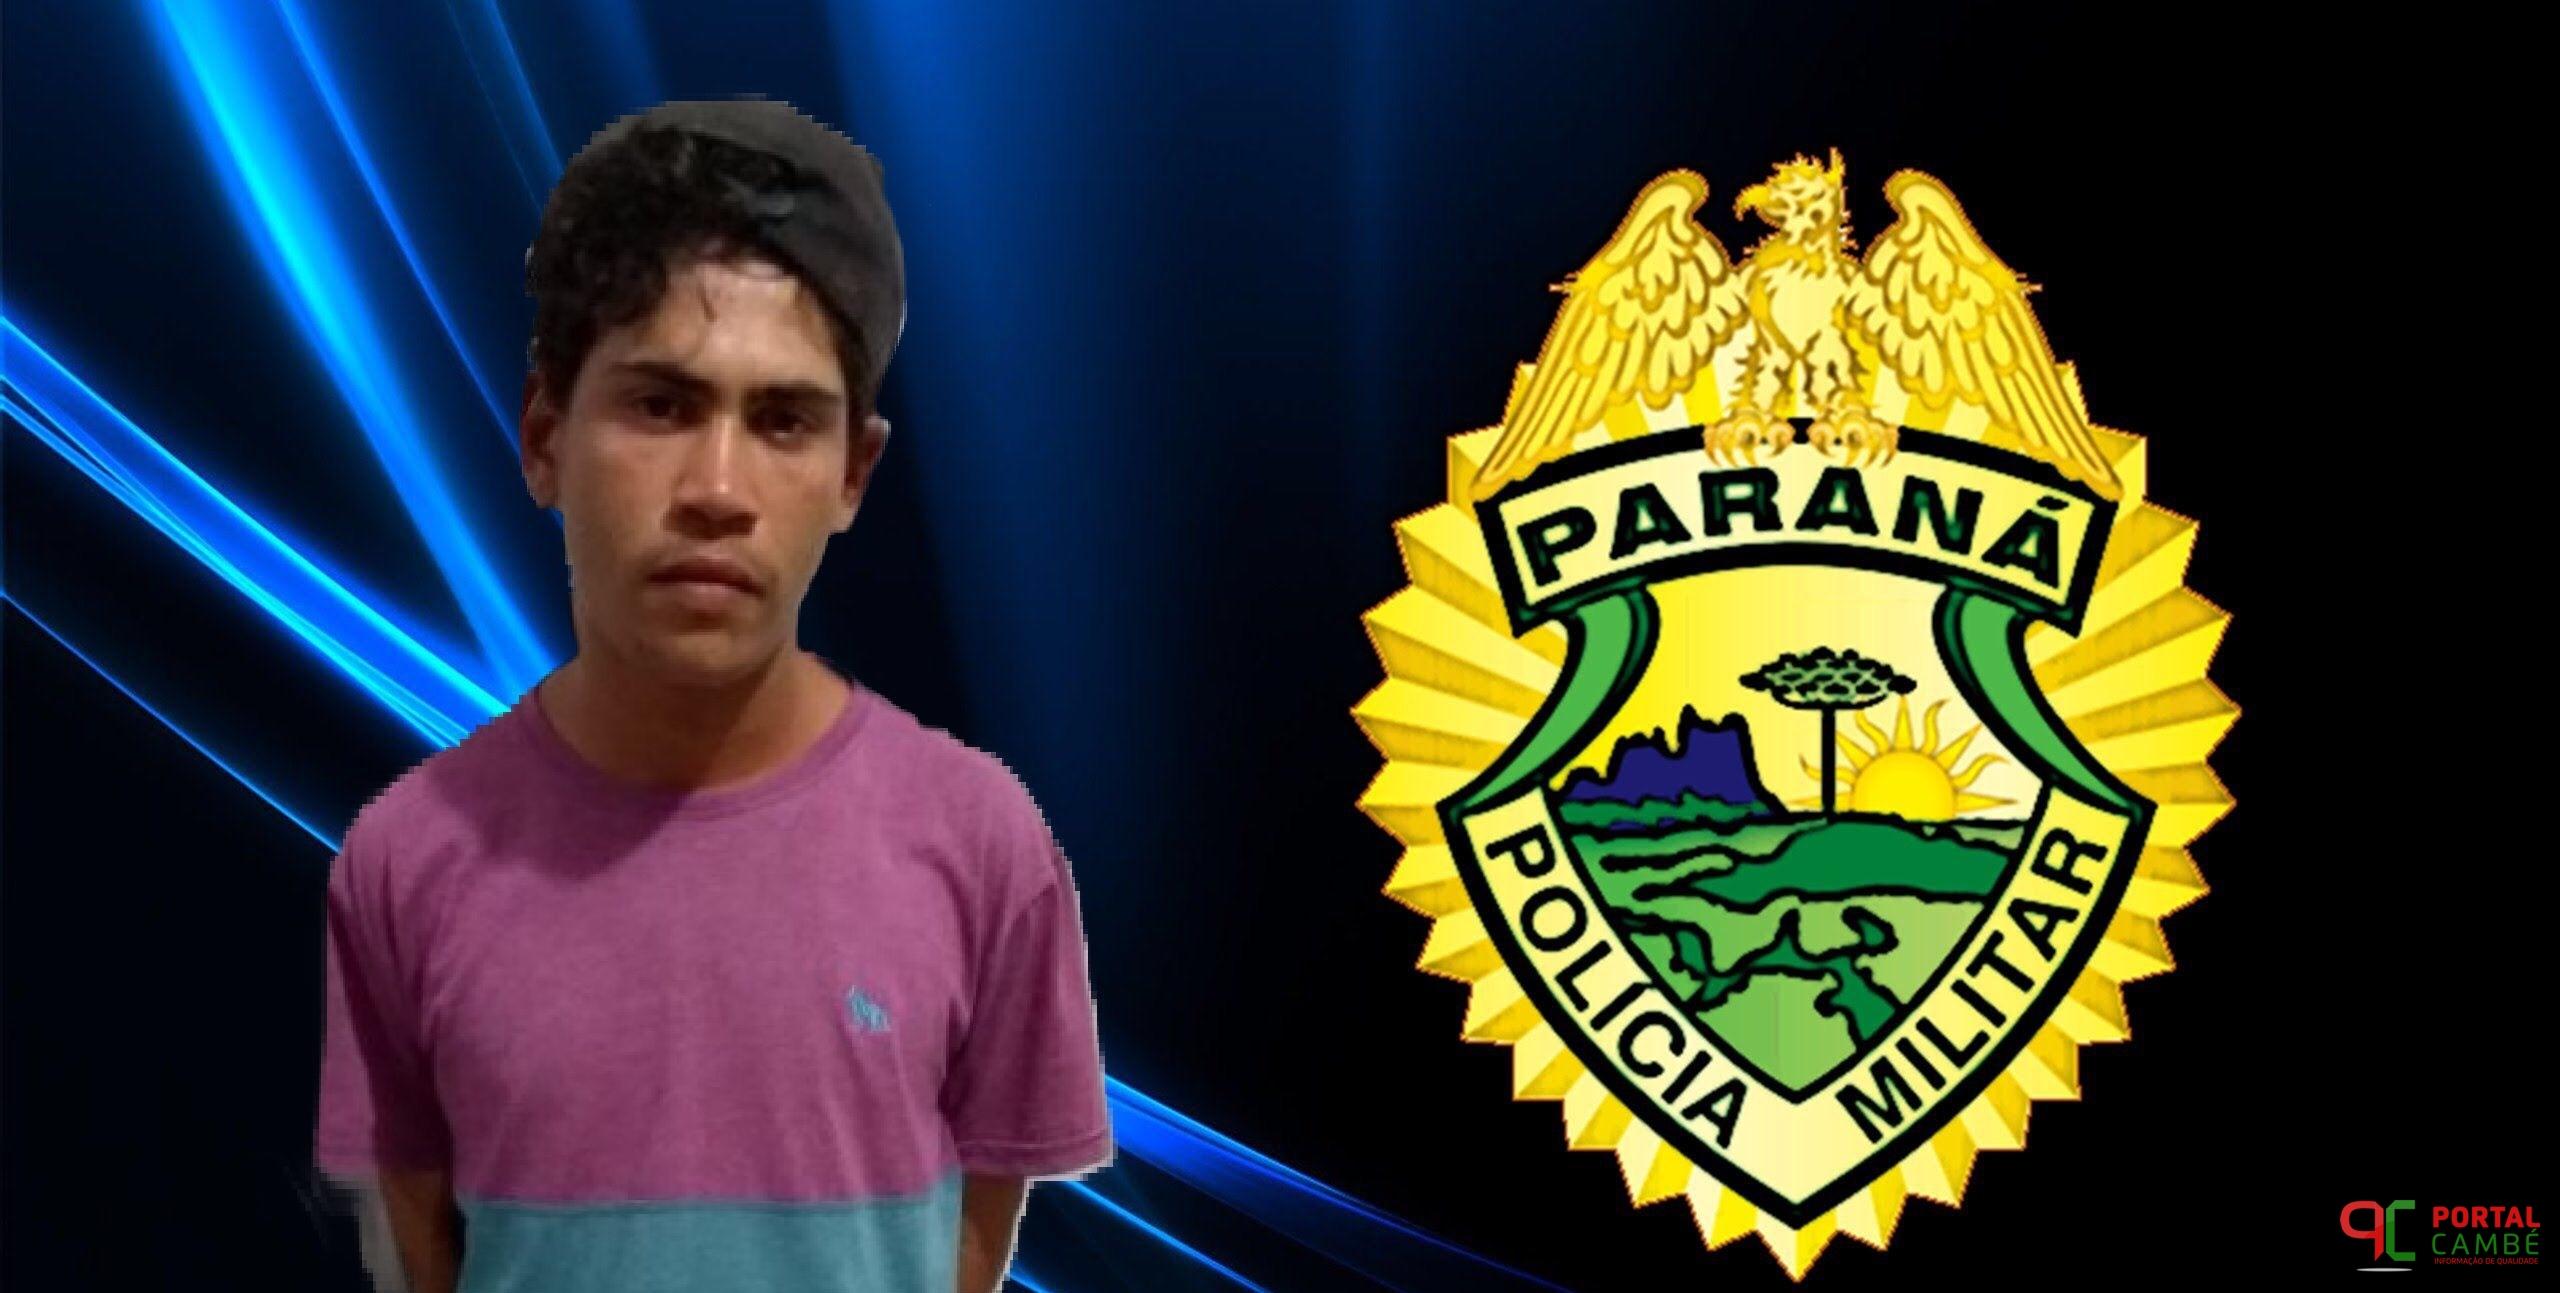 Acusado de furto na rodoviária de Cambé tem mandado de prisão preventiva decretada